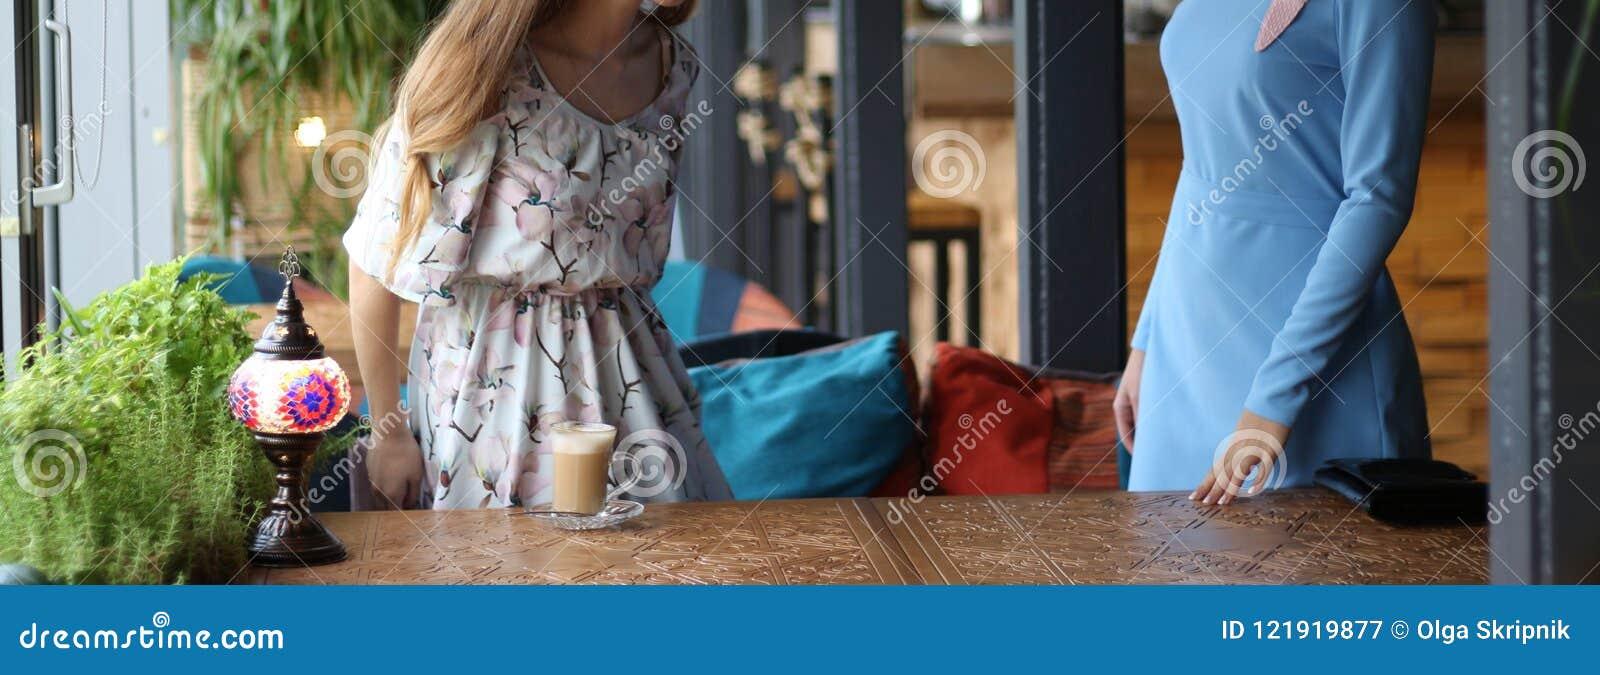 Treffen von zwei Frauen in einem Café für Kaffee man standgehalten grüßen das zweite blaues Kleid, Kleid in der Blume, auf der ge